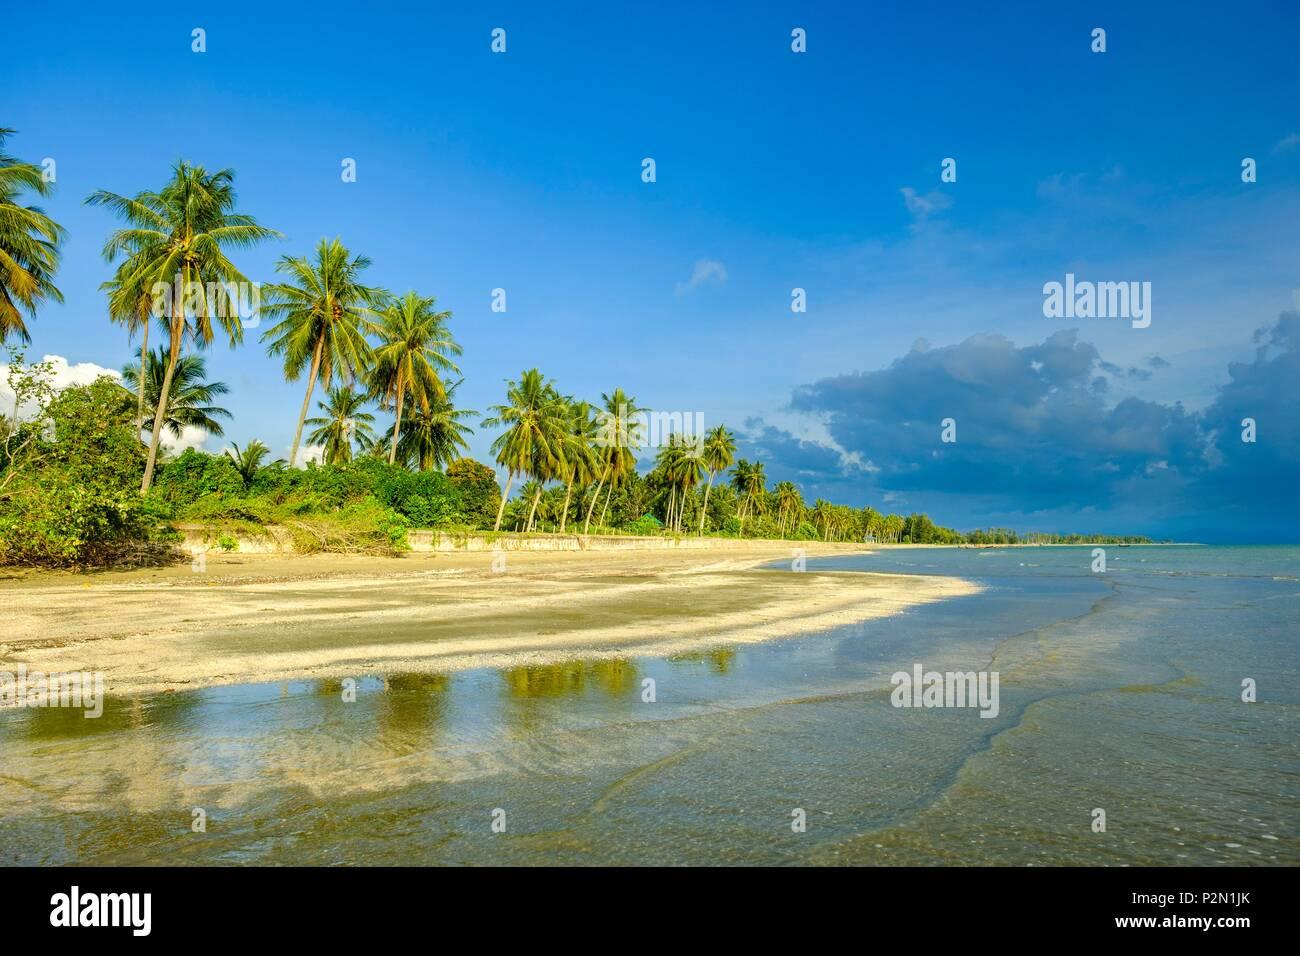 Thailandia, Trang provincia, Ko Sukorn isola, lunga spiaggia della costa sud-occidentale Immagini Stock